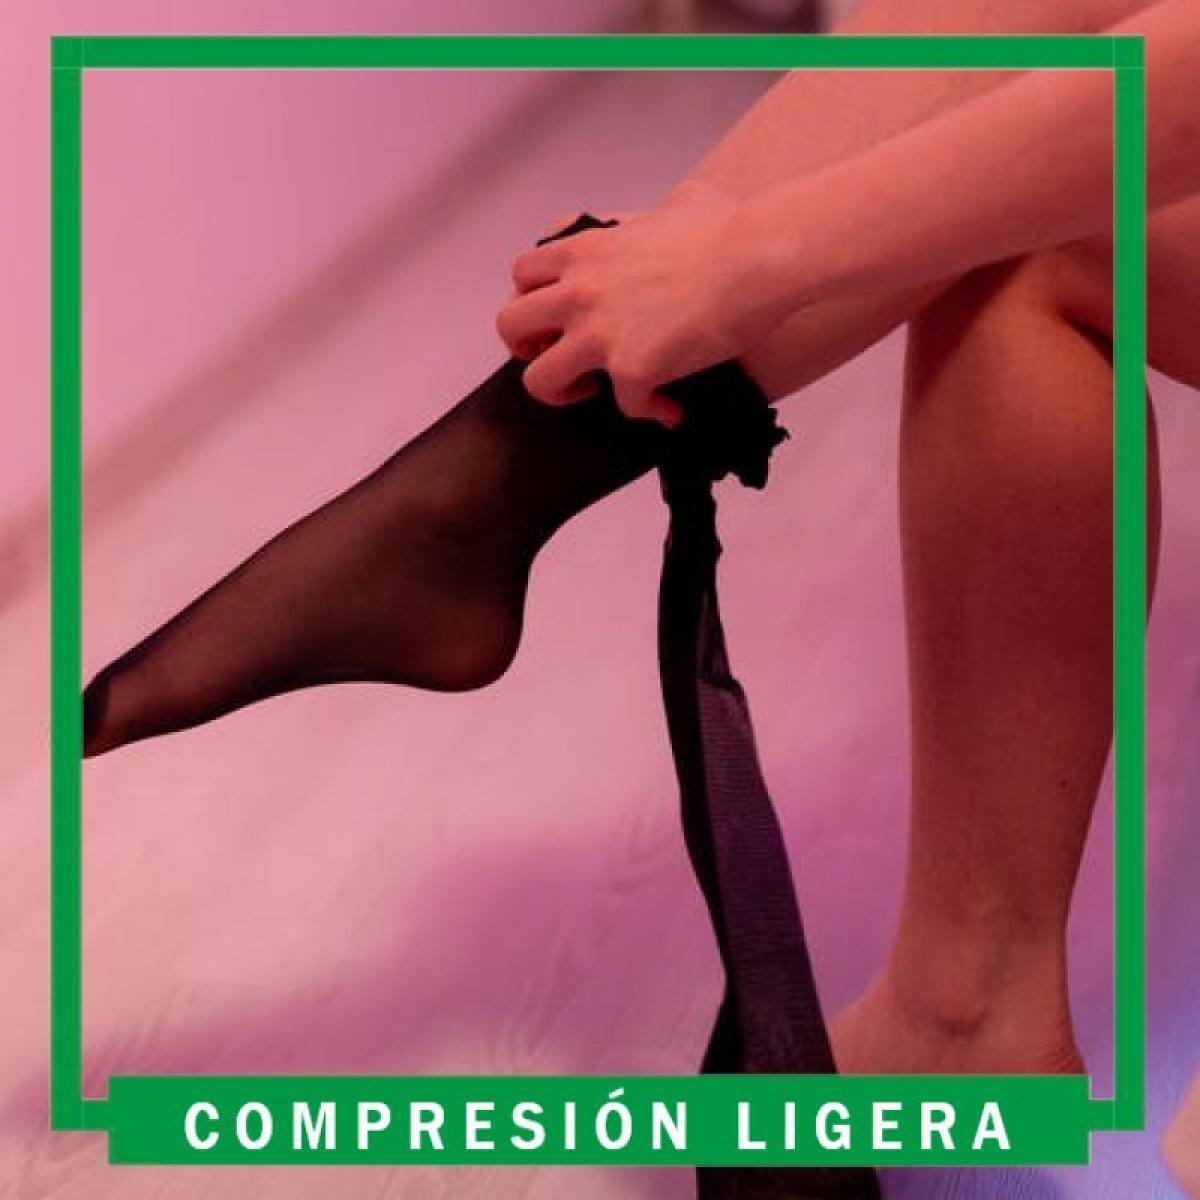 Compresión ligera